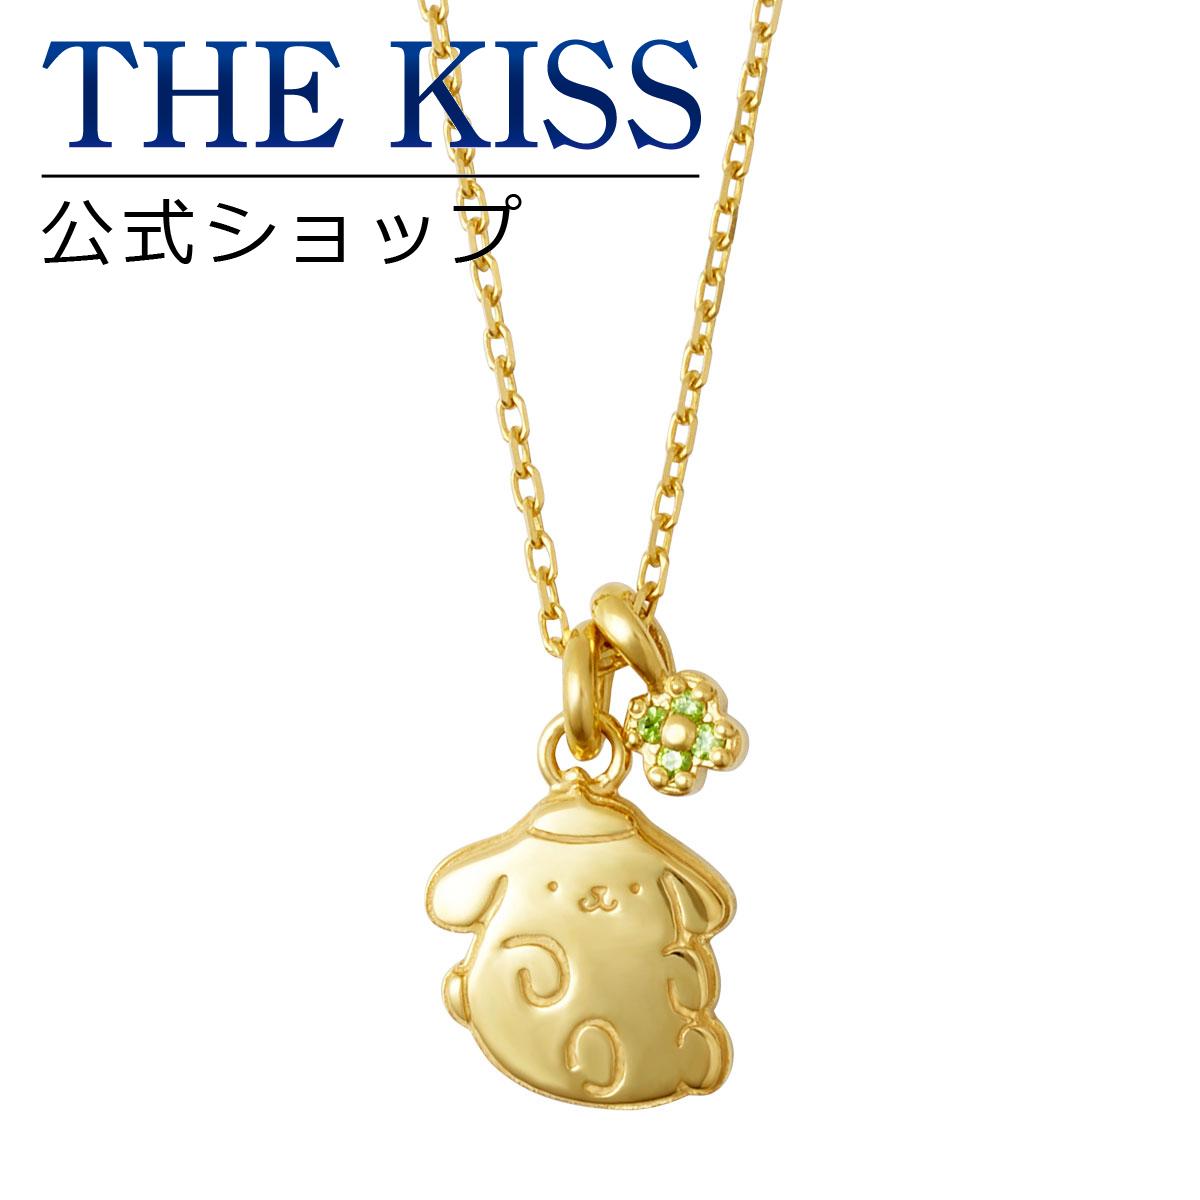 【あす楽対応】【送料無料】【ポムポムプリン×THE KISSコラボ】ポムポムプリン ネックレス ☆ シルバー レディース ネックレス 首飾り ブランド SILVER Ladies Necklace couple PM-SN702CB